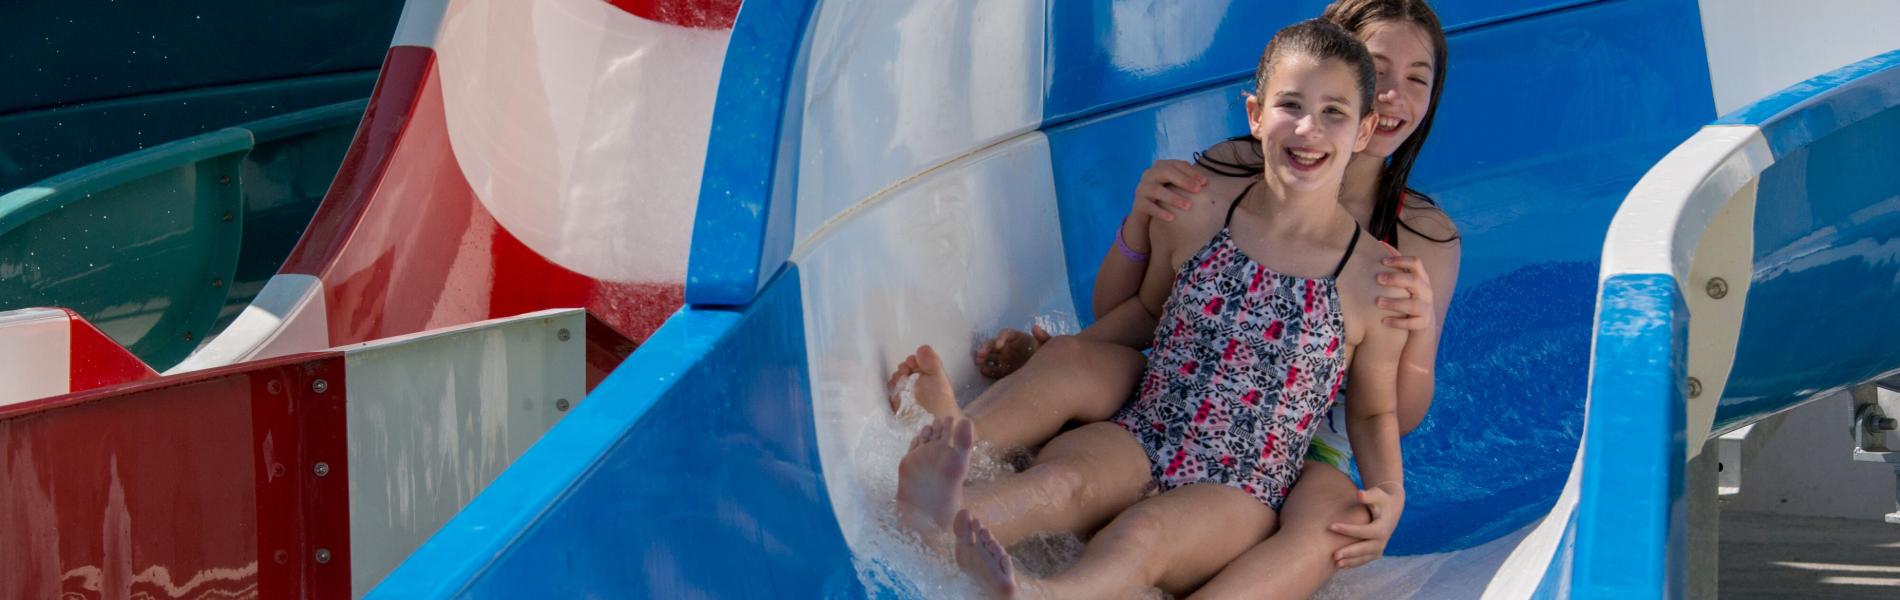 מלונות עם פארק מים: חופשה משפחתית מושלמת לקיץ שבפתח